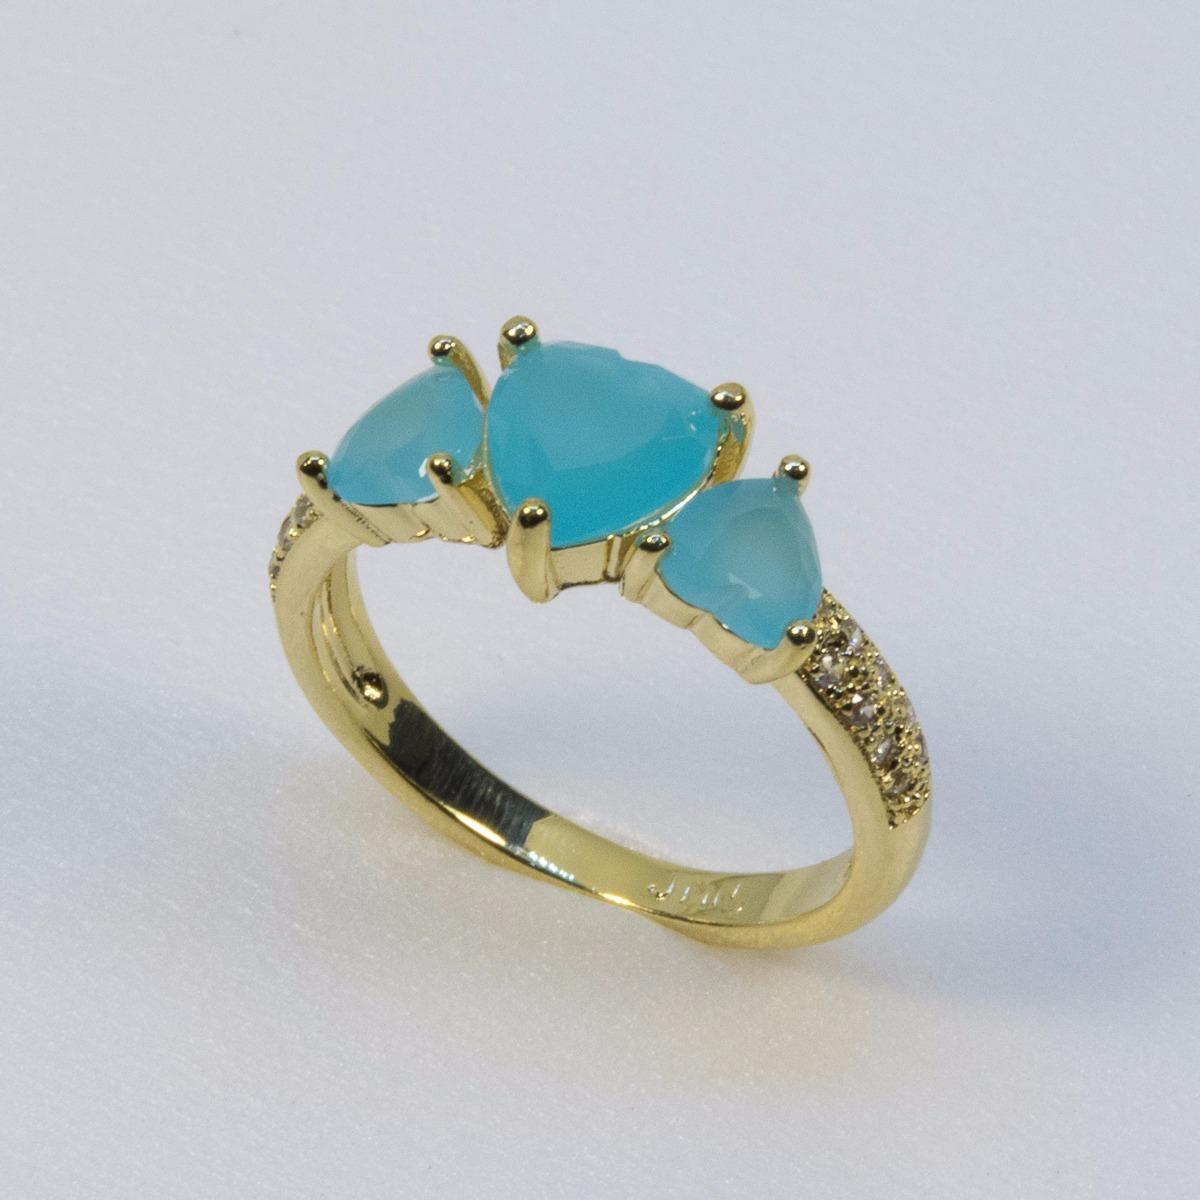 96b5dd19520 Anel Ouro18k 750 Princesa Aliança Noivado Zircônias - R  120